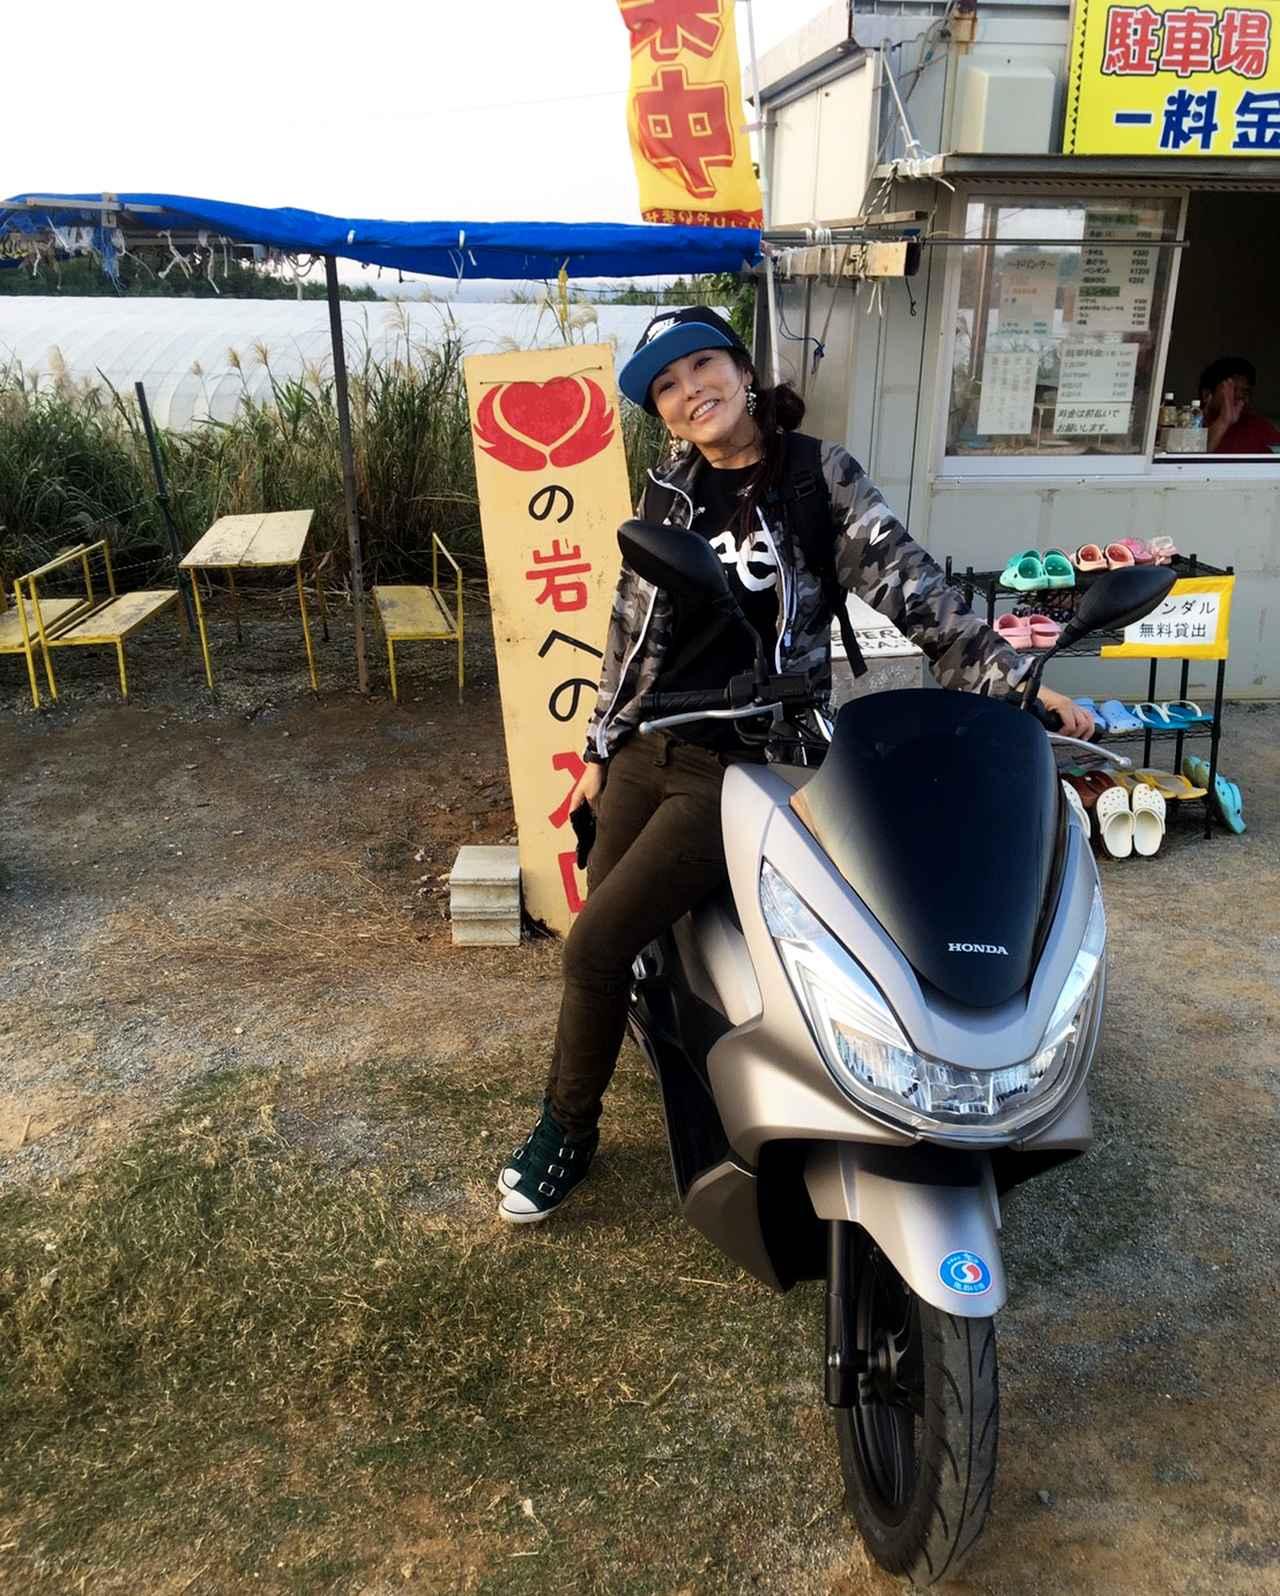 画像2: レンタルバイクで那覇から古宇利島へ。島の中にはいったい何が待っている?